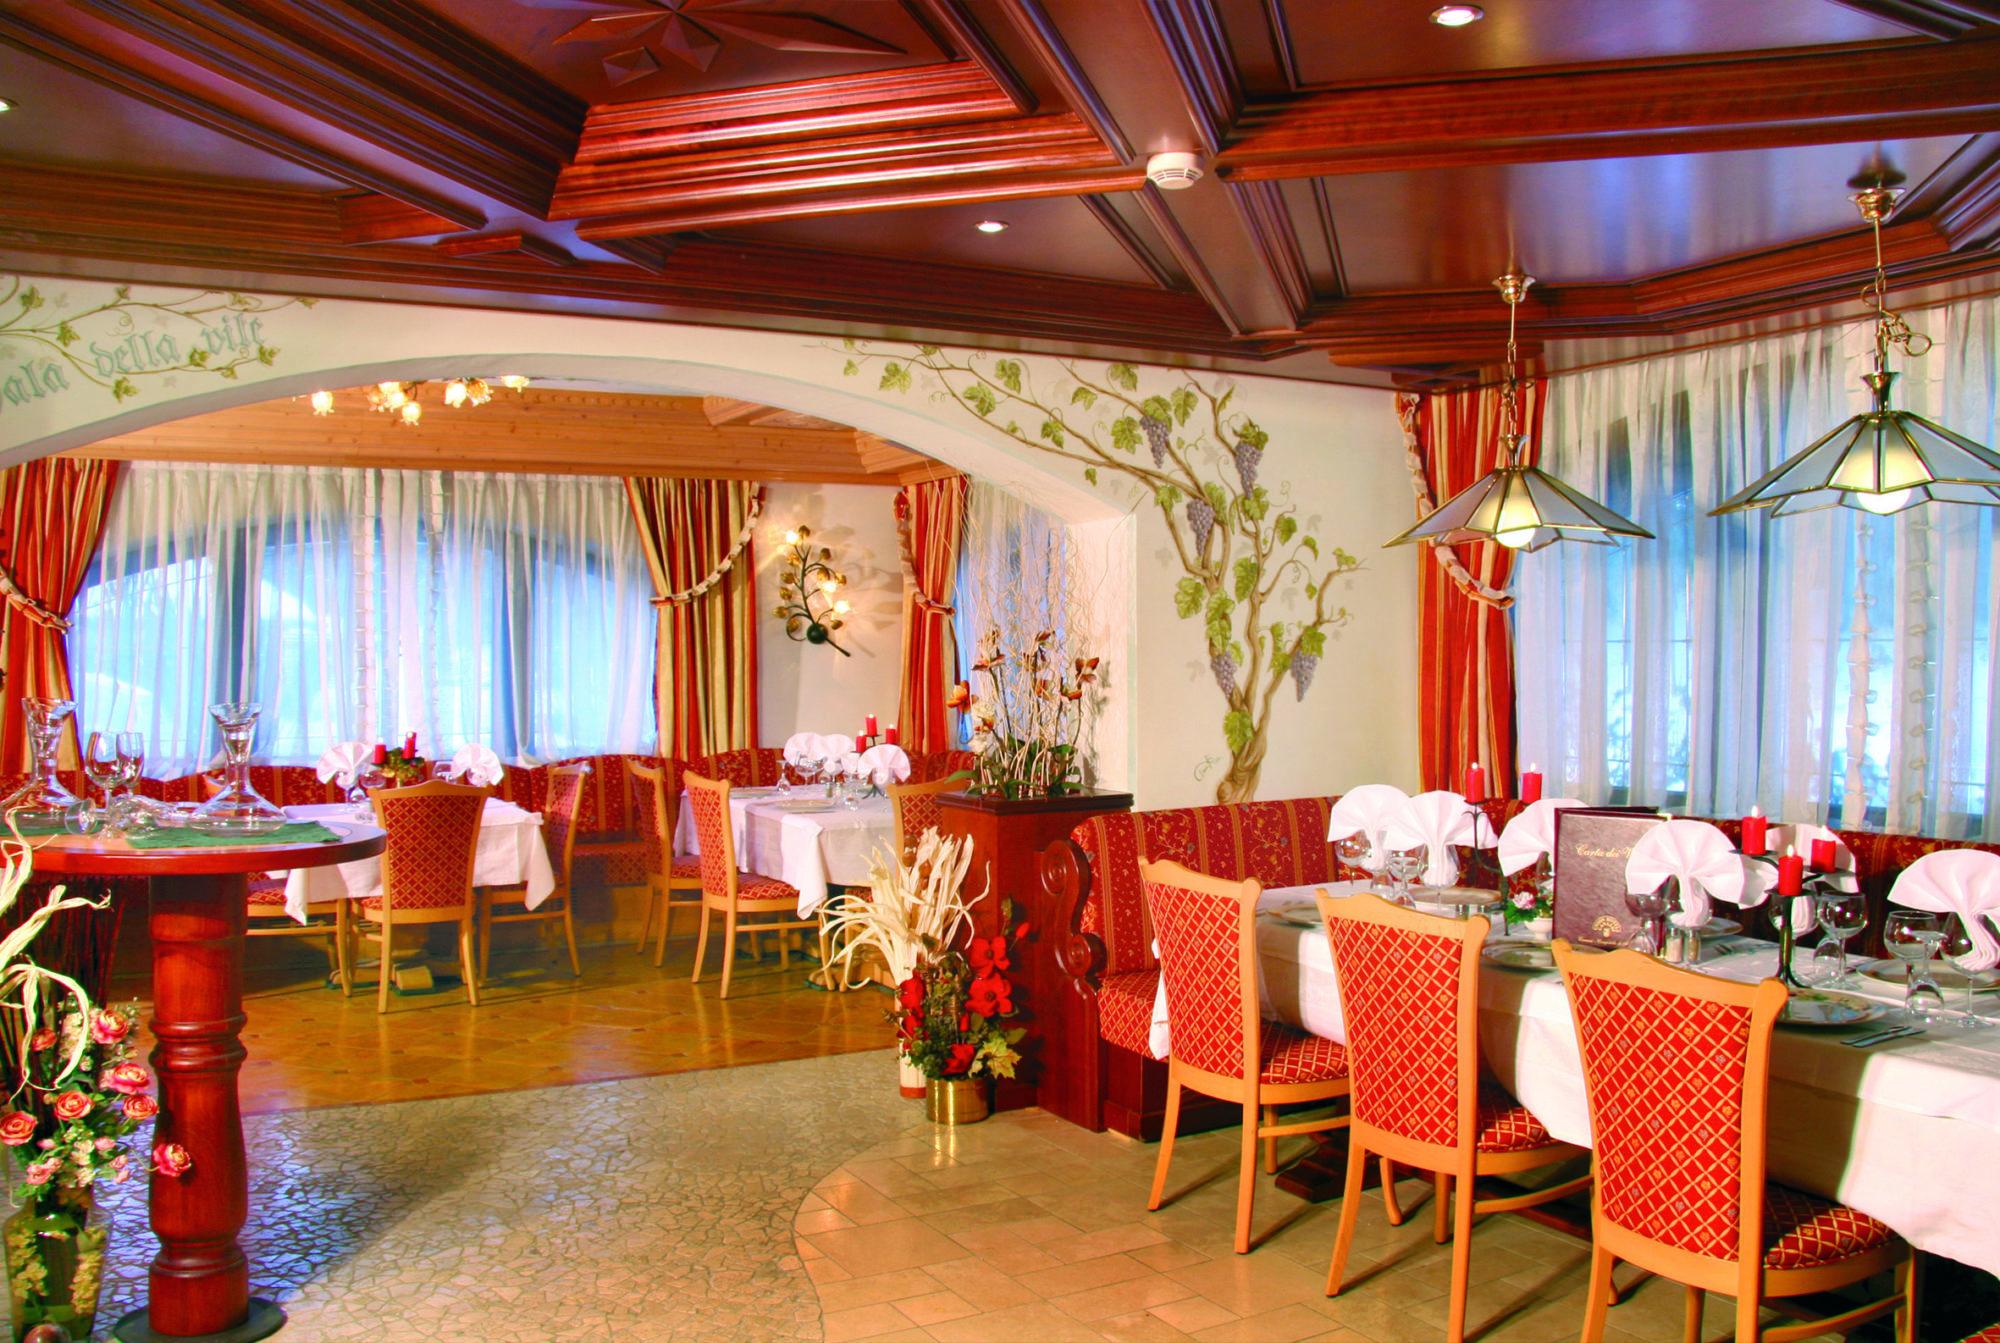 10 Hotel Rubino - Restaurant